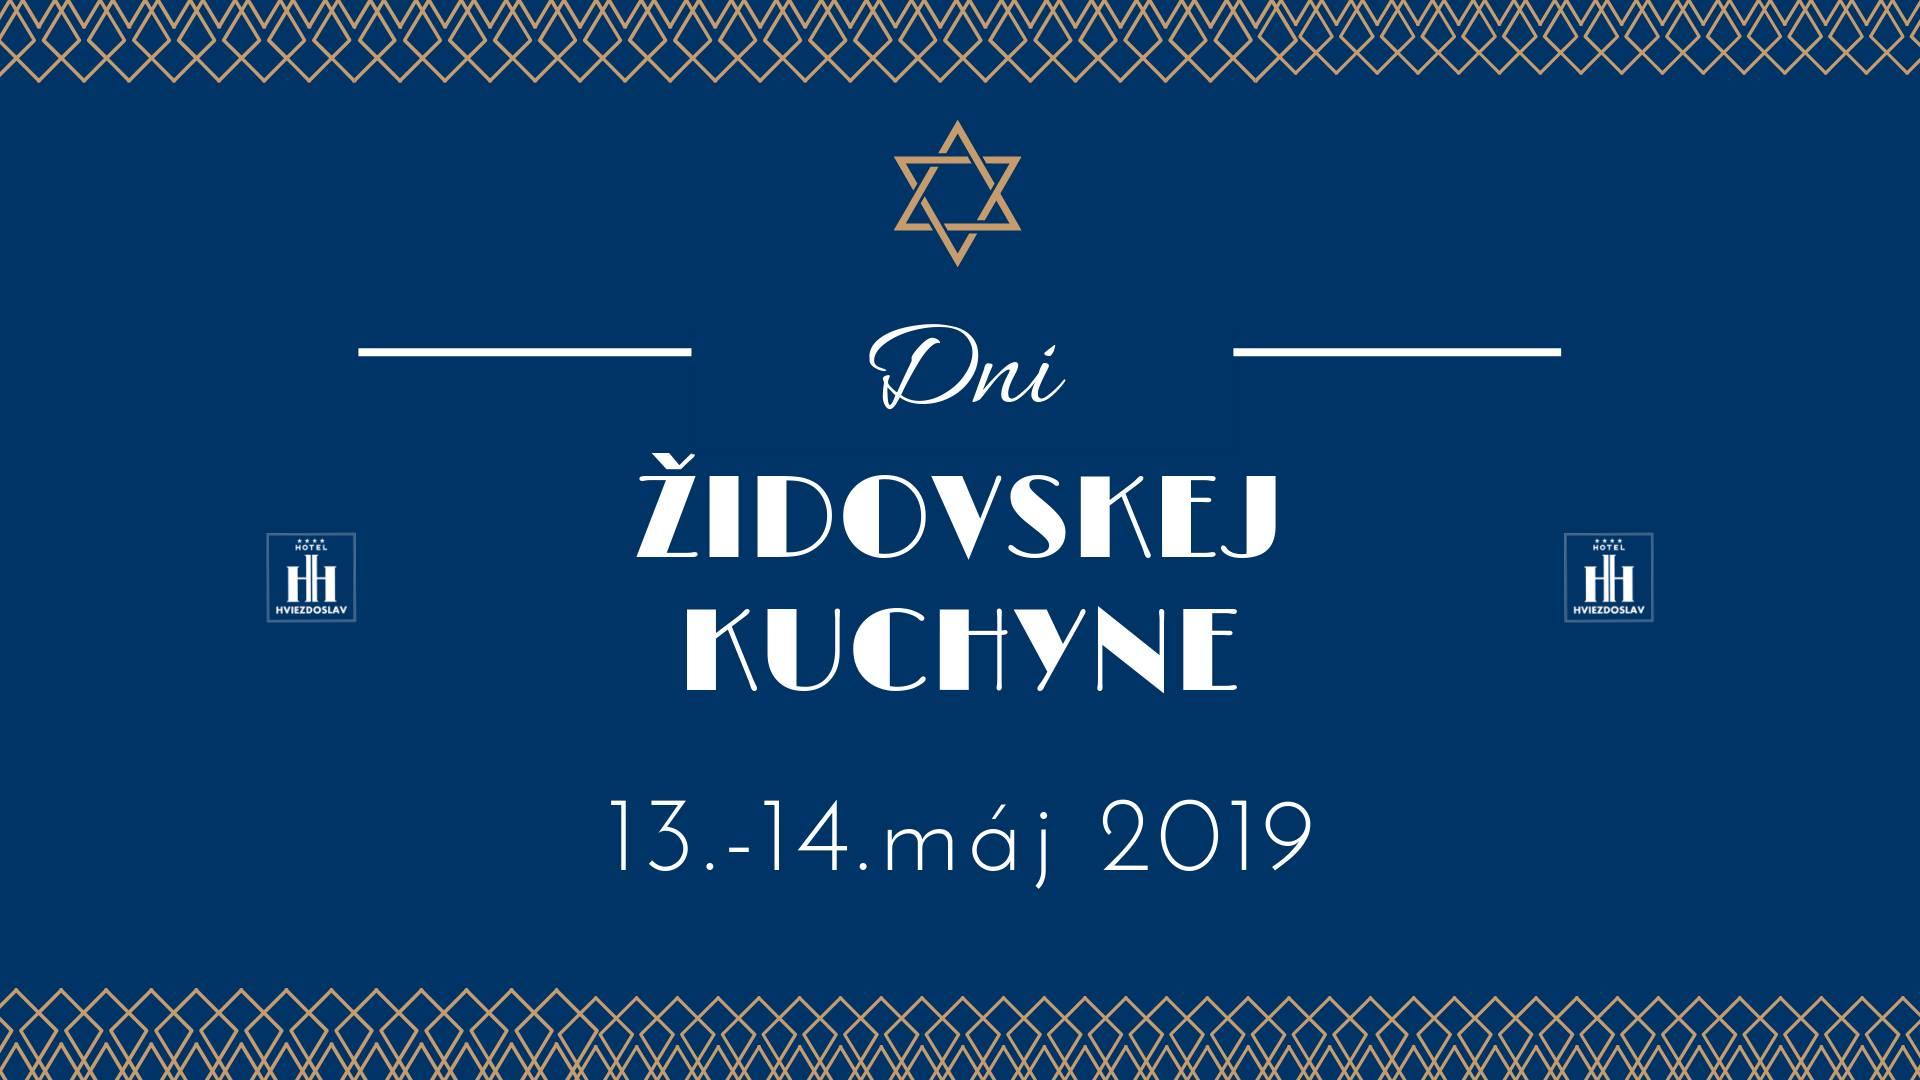 4f25ac6d01 Dni židovskej kuchyne – Hotel Hviezdoslav